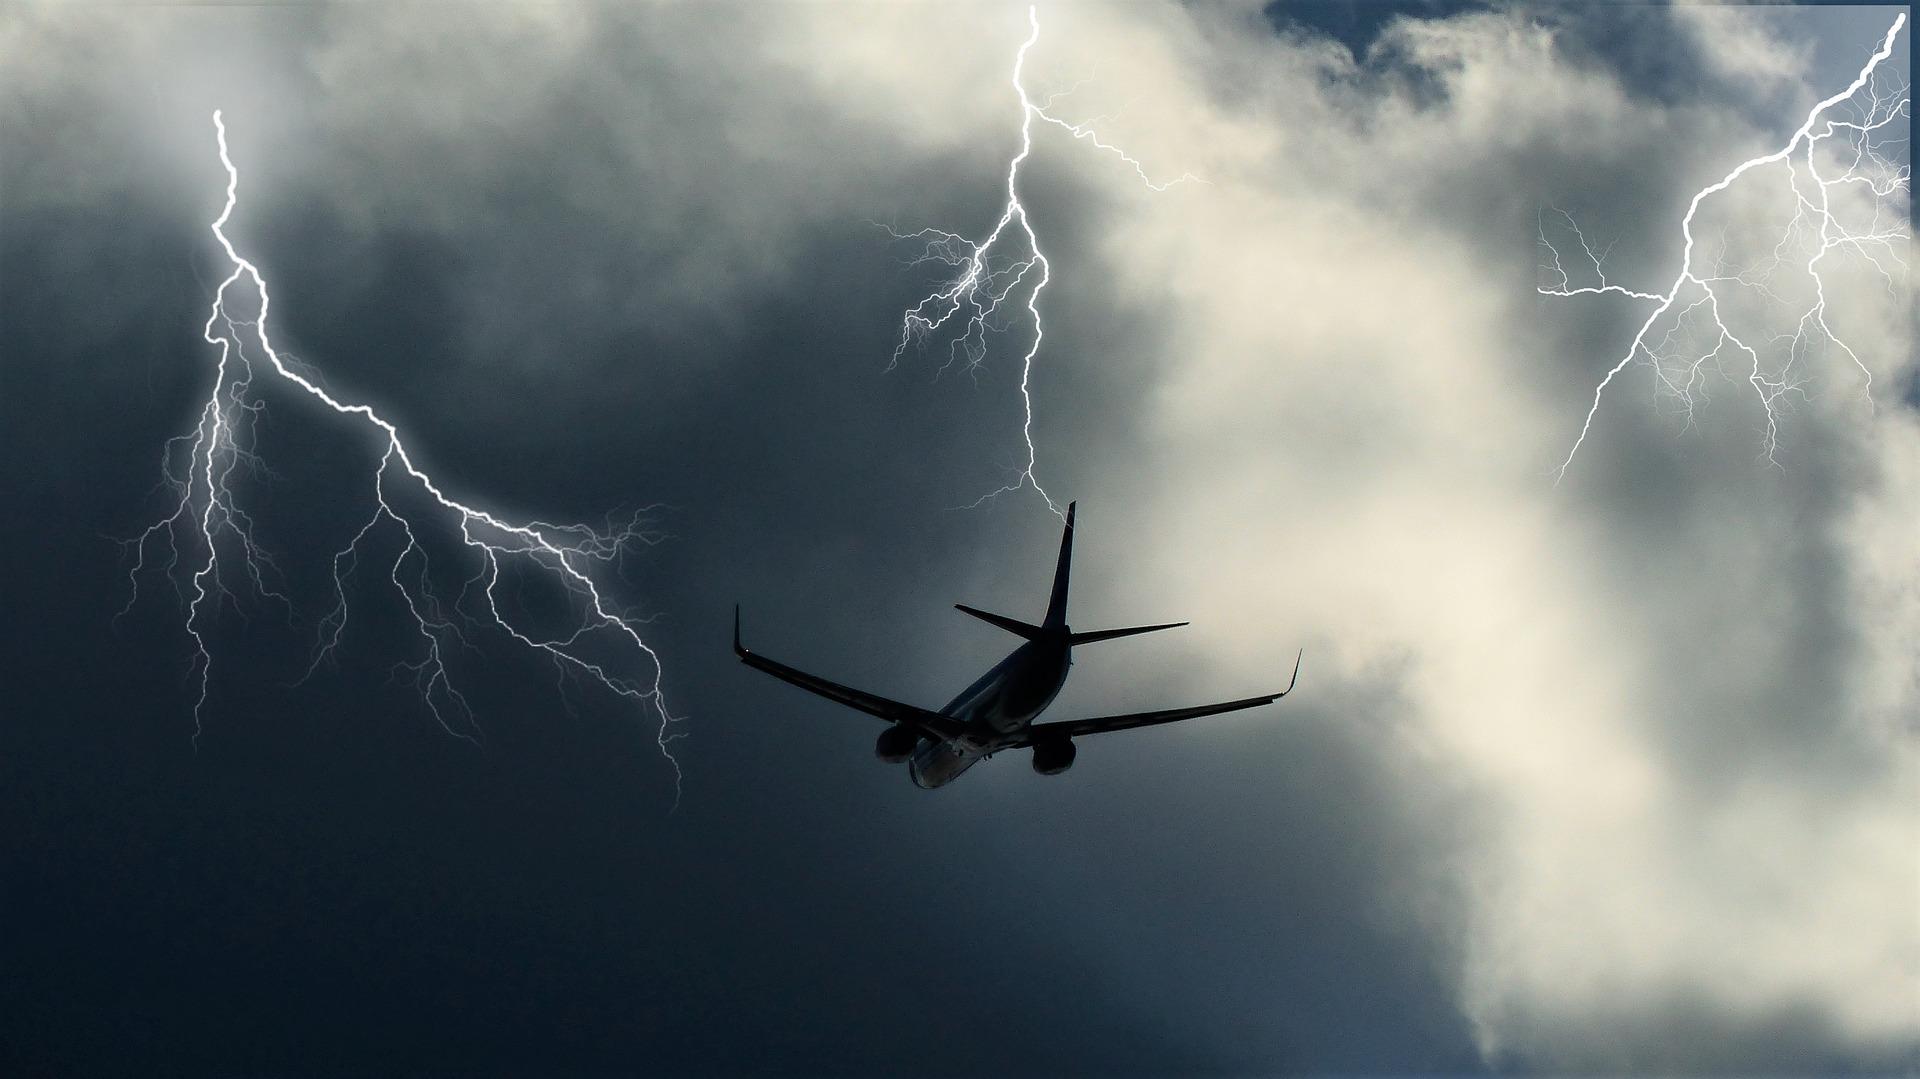 samolot lecący w trakcie trwania burzy